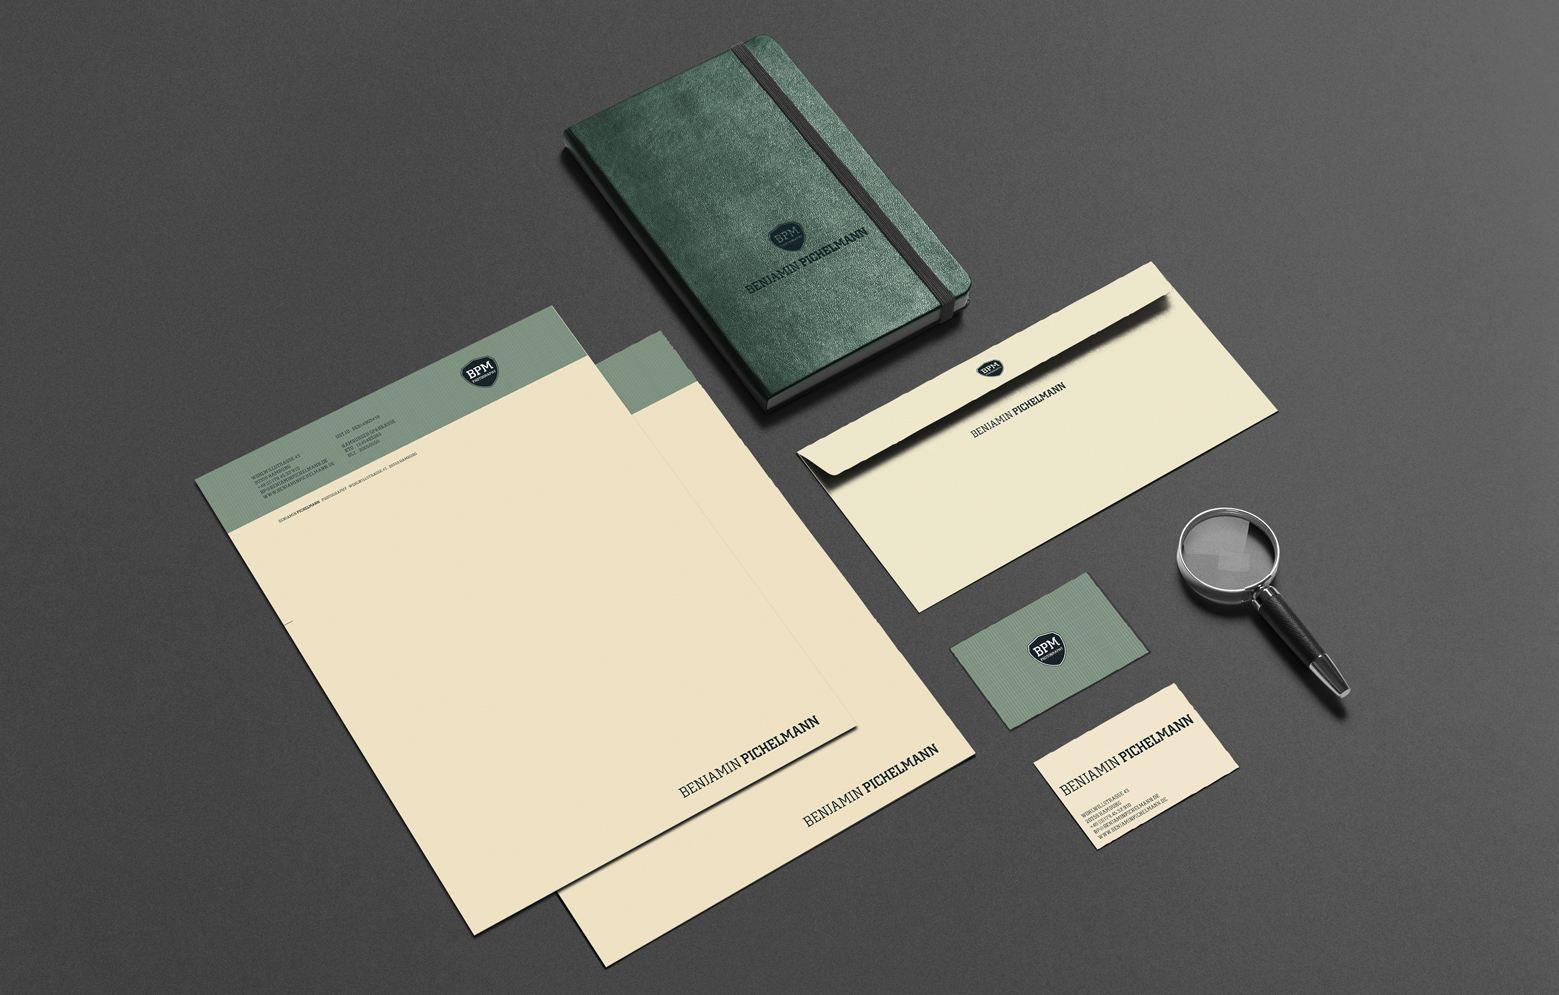 Geschäftsausstattung von benjamin Pichelman, mit Briefbogen, Briefumschlag, Visitenkarte, Notizbuch und Lupe